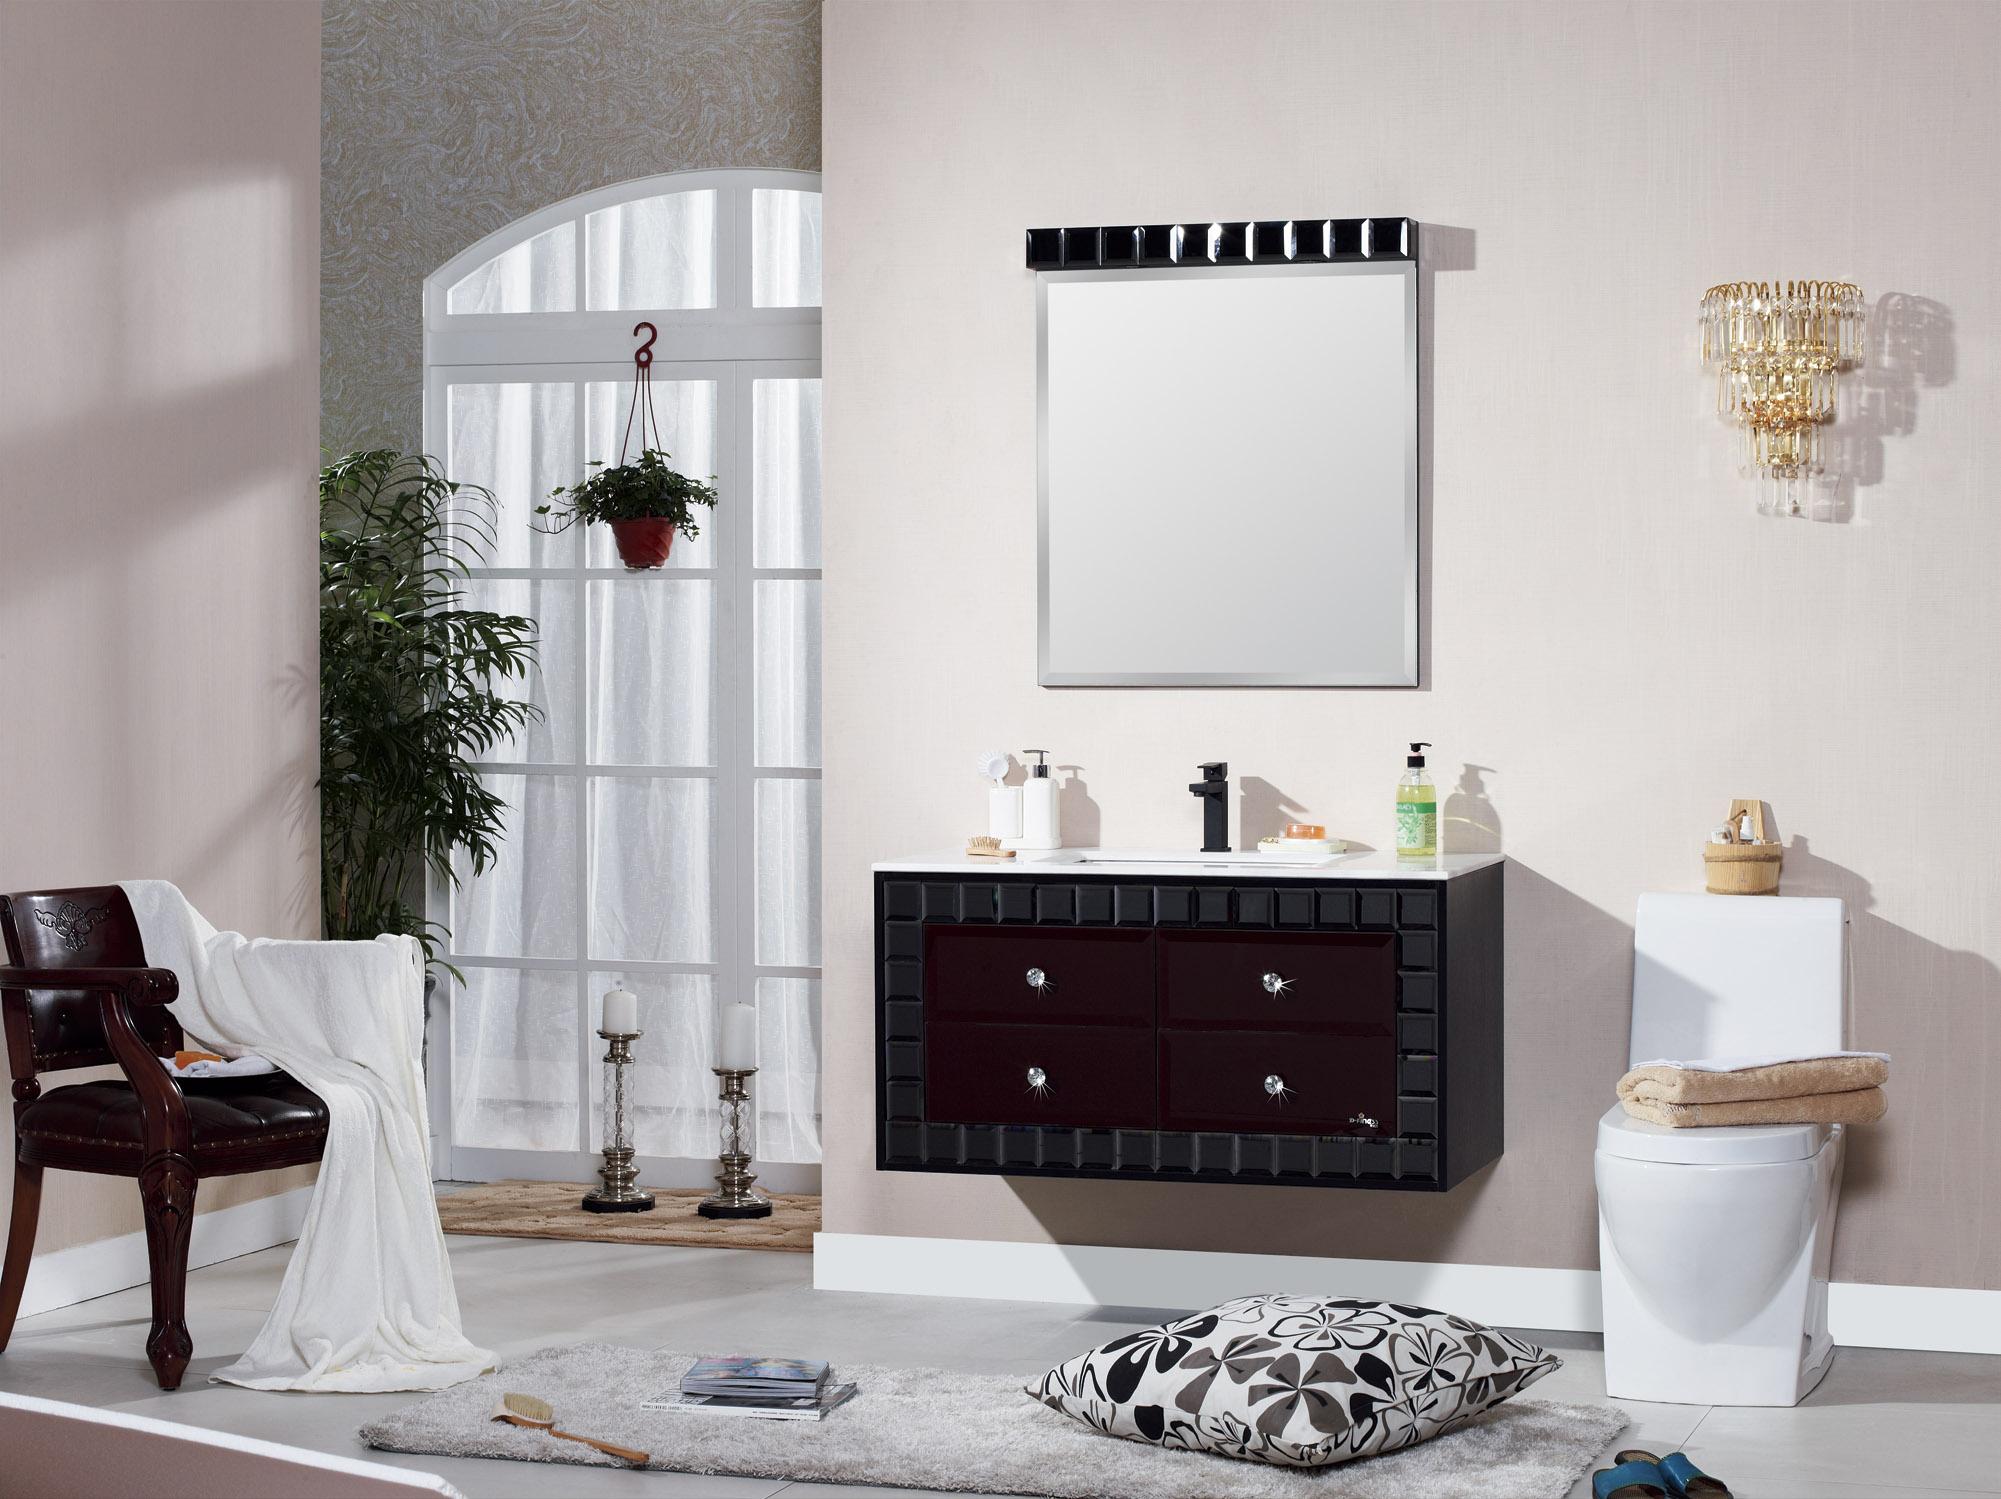 Meuble salle de bain luxe s 3032 nouvelle ceramique for Meuble salle de bain de luxe